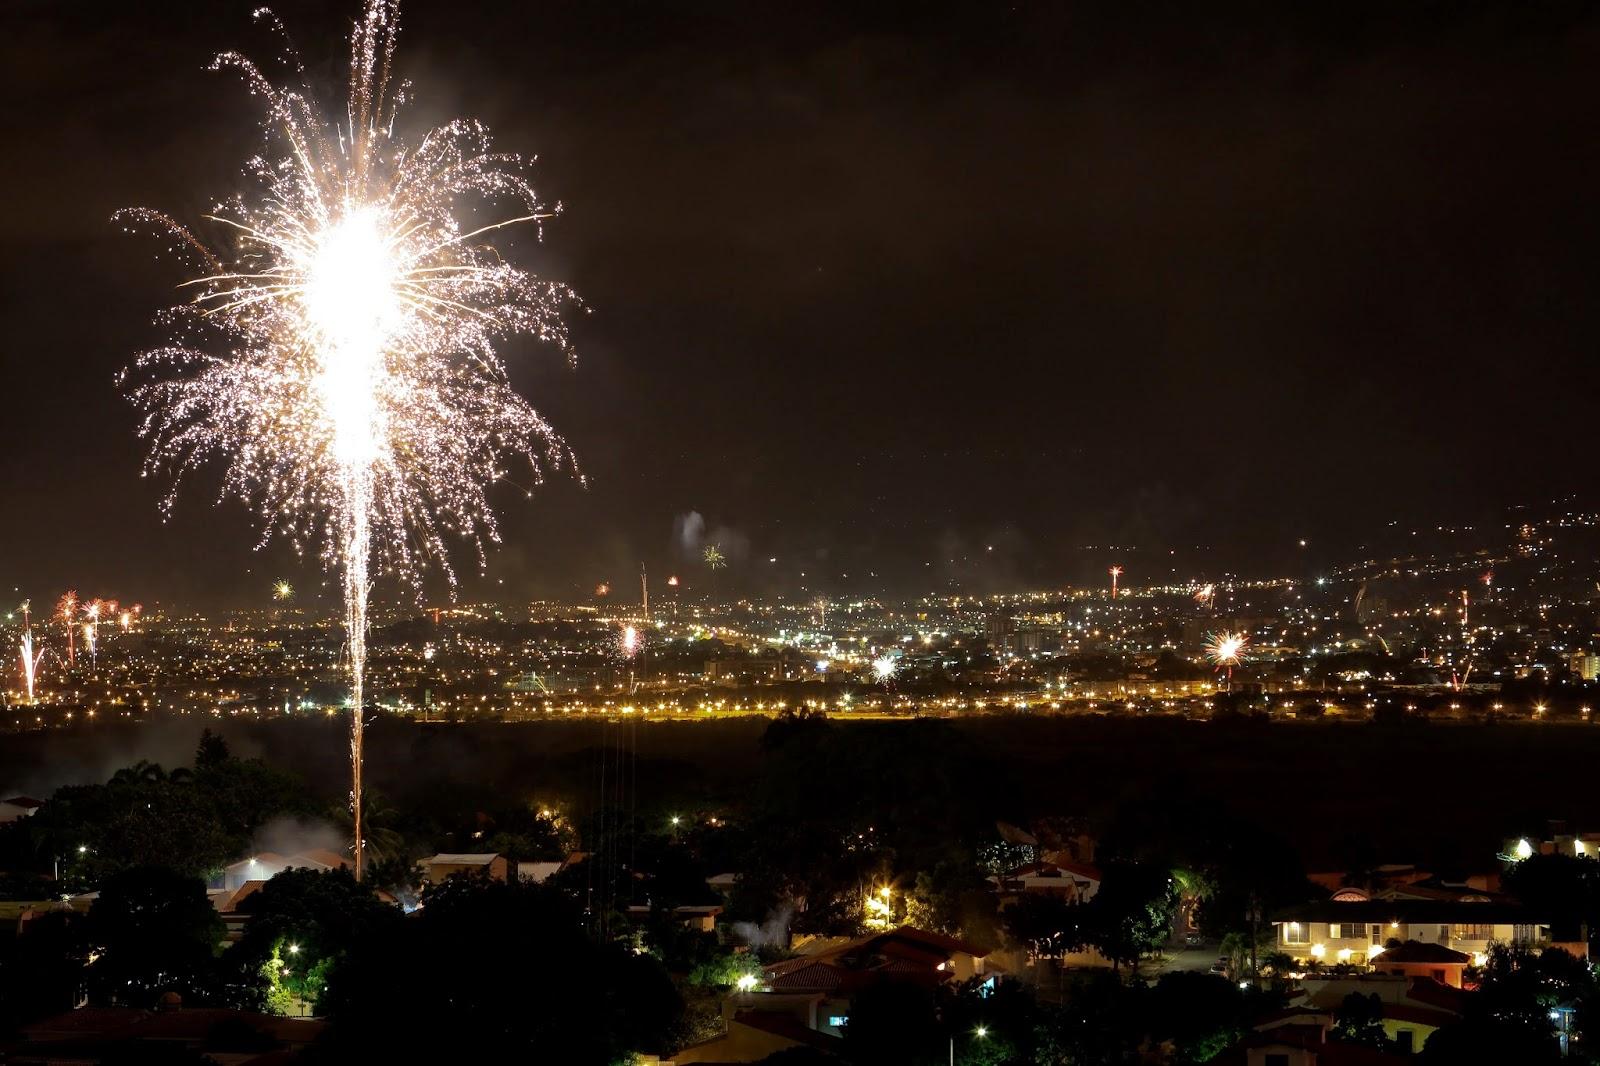 Imagenes y Fotos de Año Nuevo, parte 1